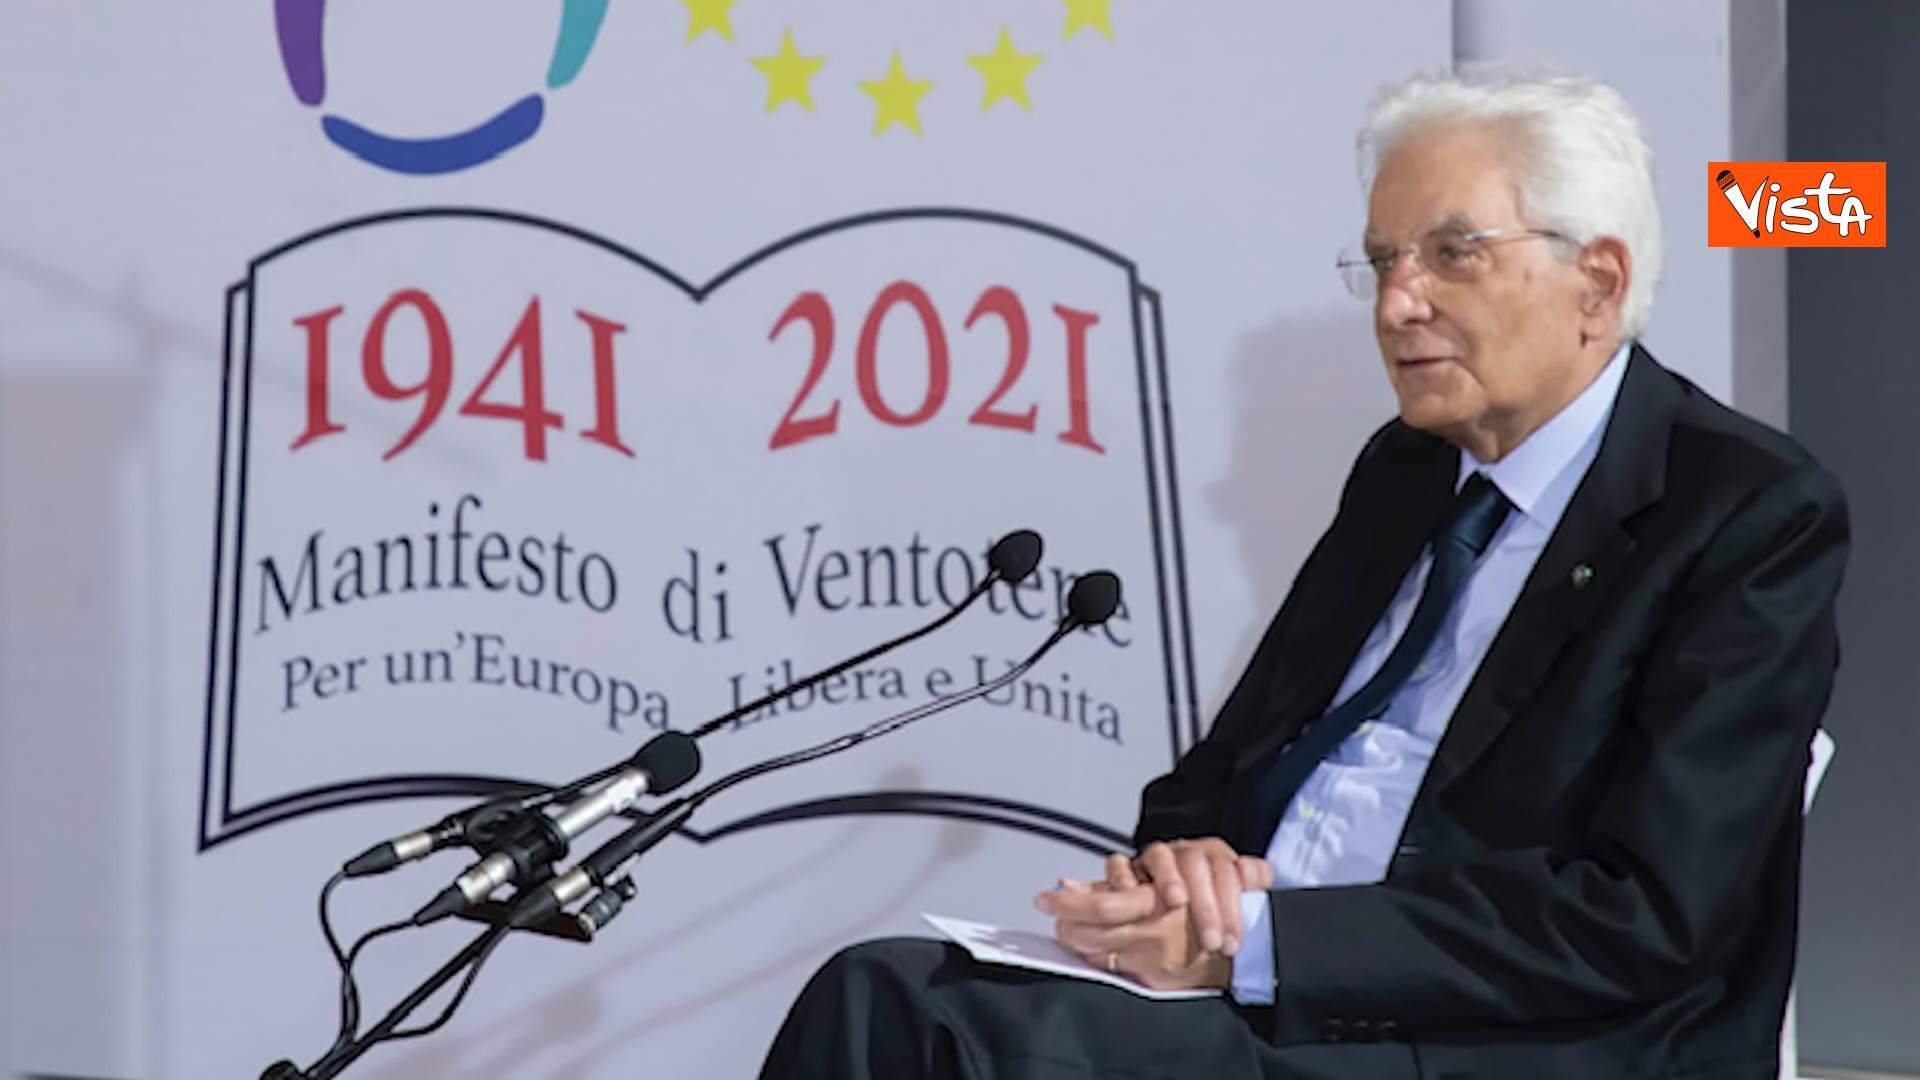 29-08-21 Il Presidente Mattarella a Ventiotene 01_0016143613892921580860